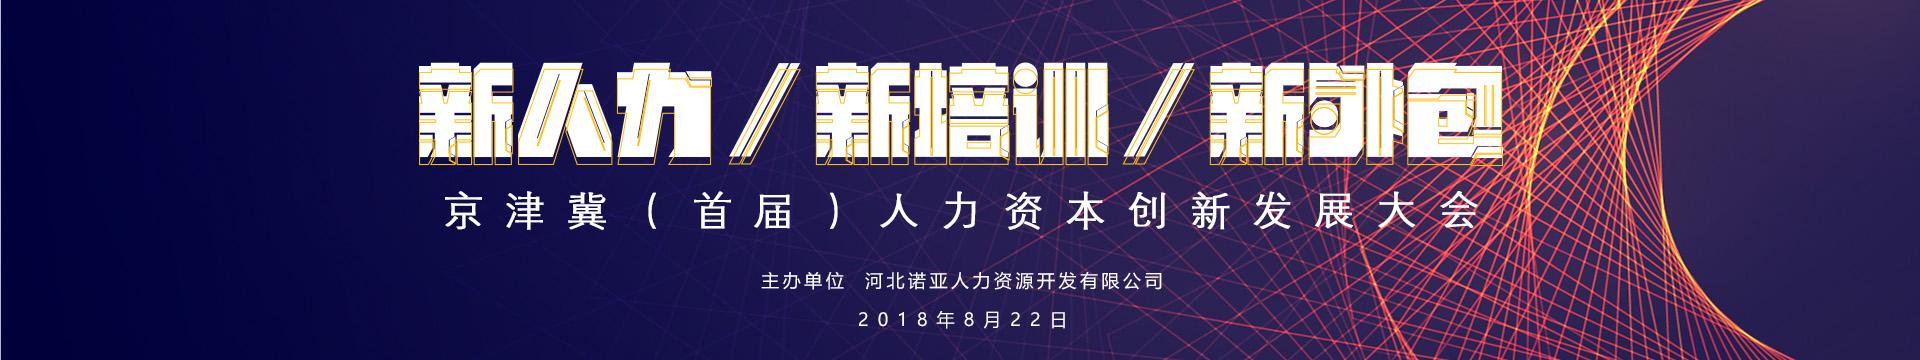 京津冀(首届)人力资本创新发展大会